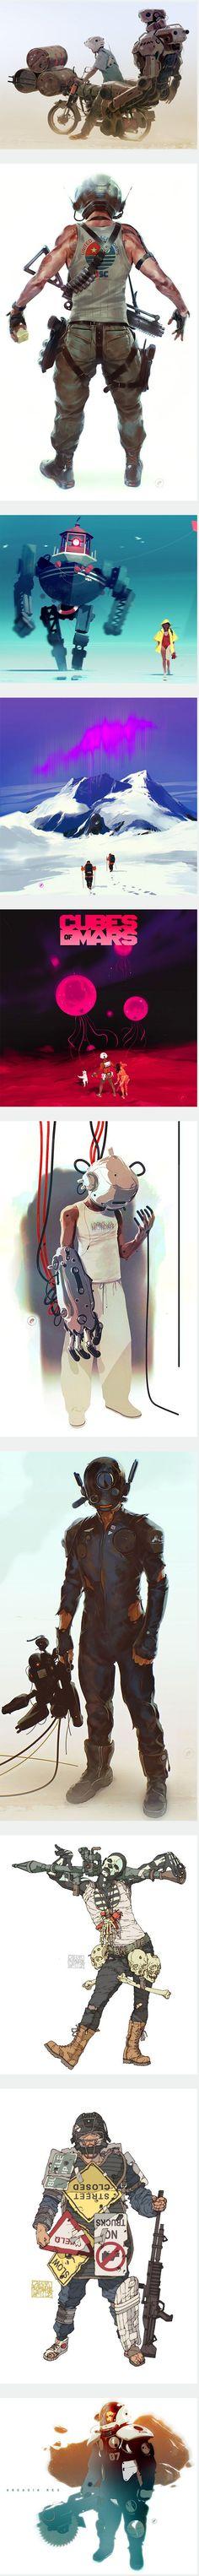 Concept Art by Calum Alexander Watt